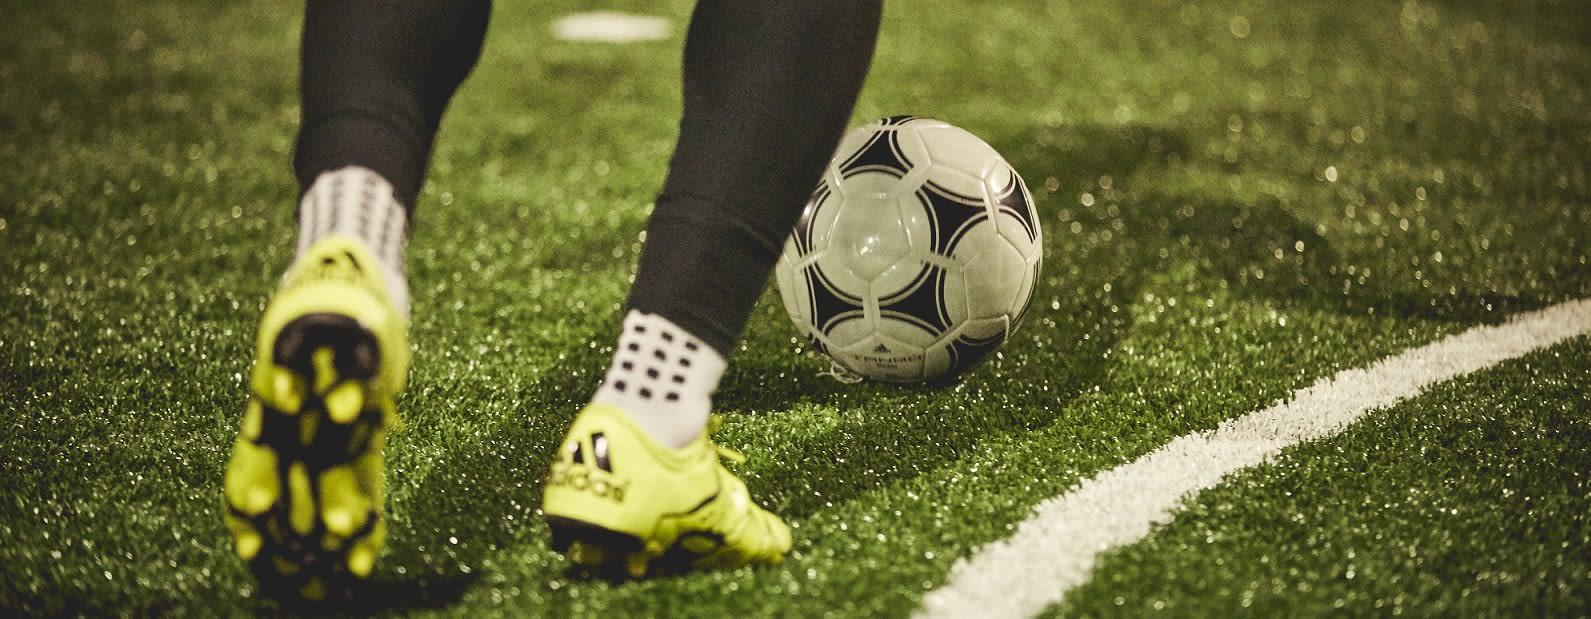 PlayFootball_and_Better.jpg